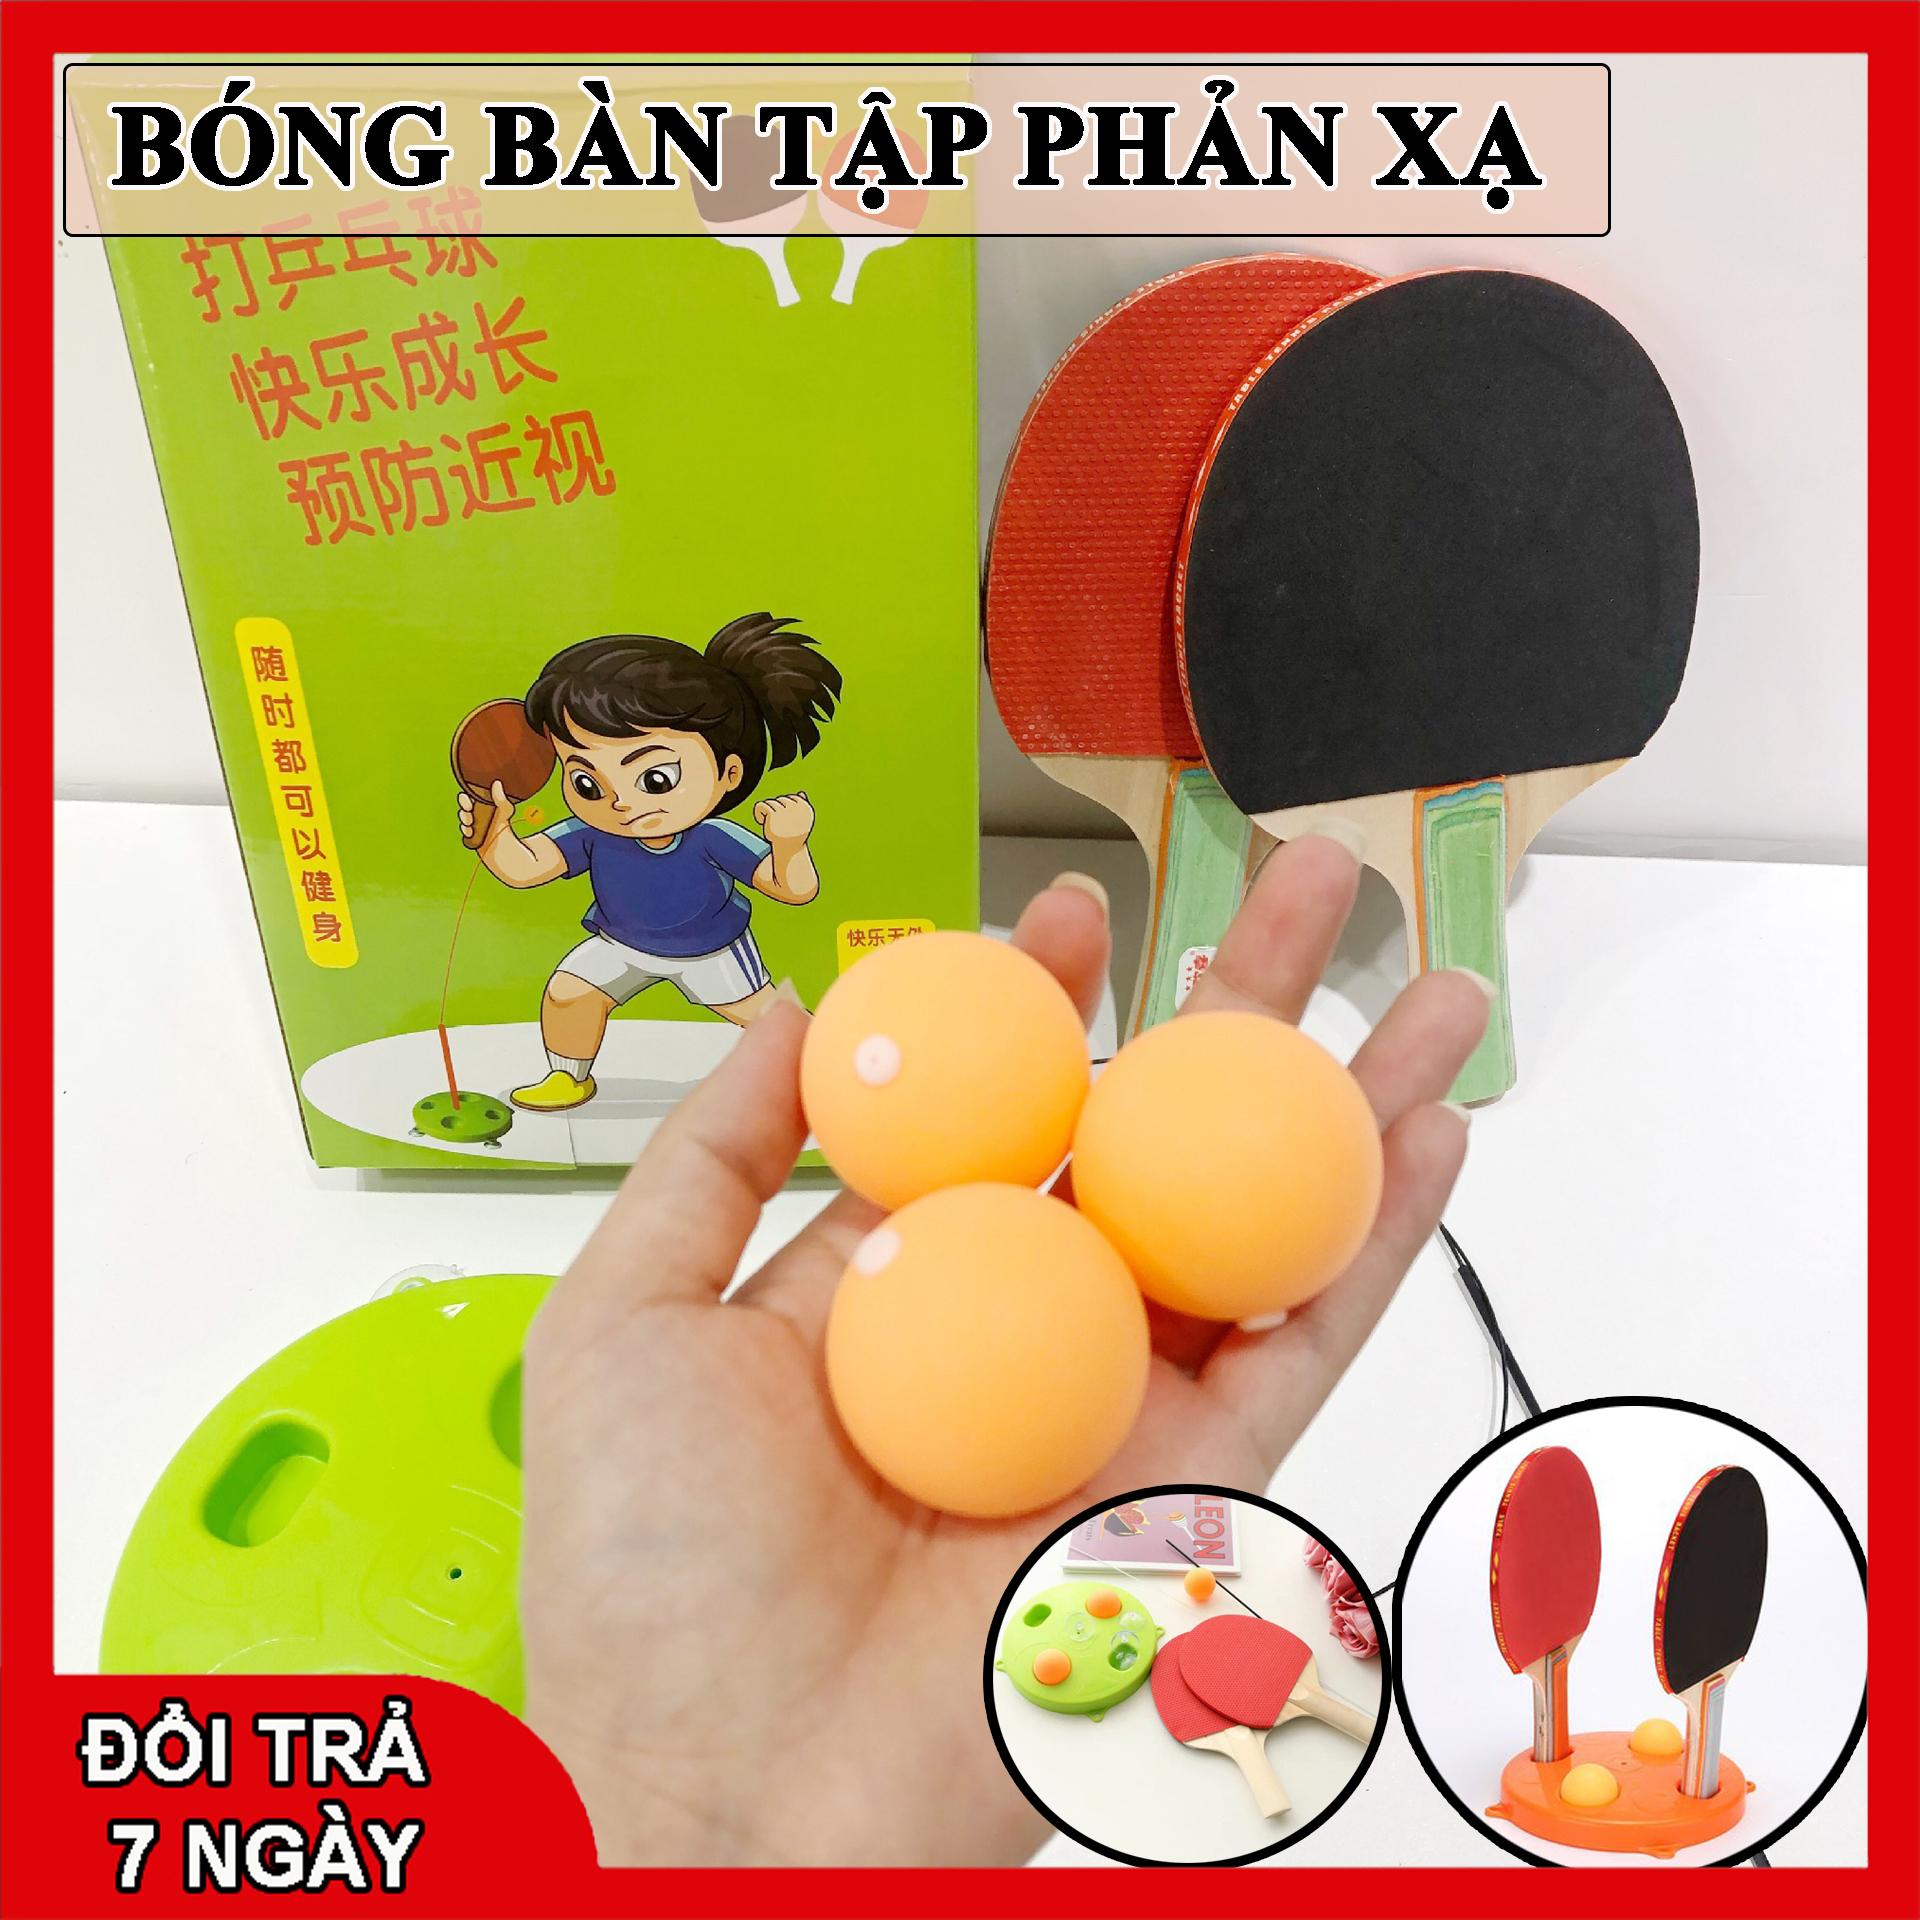 Bóng bàn luyện phản xạ - Bộ đồ chơi bóng phản xạ - Dụng cụ tập đánh bóng bàn cho mọi lứa tuổi (2 vợt gỗ +bóng+ dây+ đế) BR01